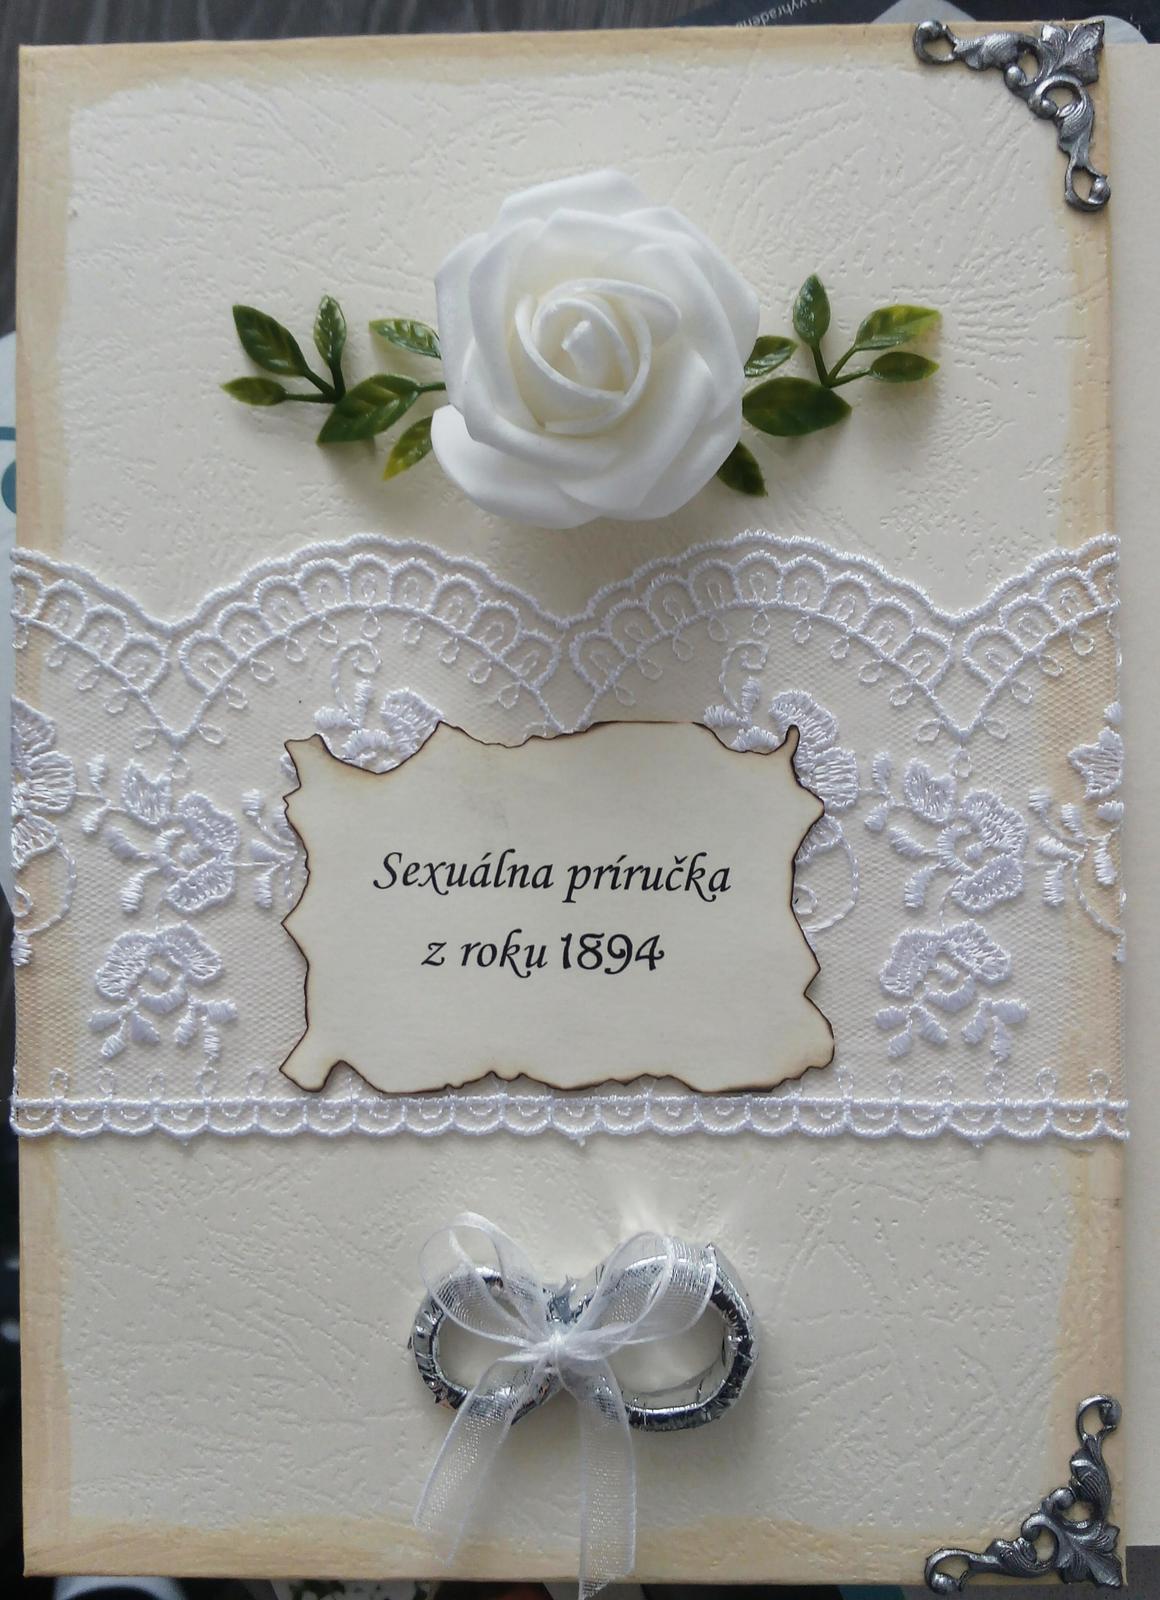 Rozlúčka so slobodou - Nevestička dostala ako darček túto originálnu Sexuálne príručku z roku 1894, spolu s košielkou, vínom a kamasutra-čokoládou